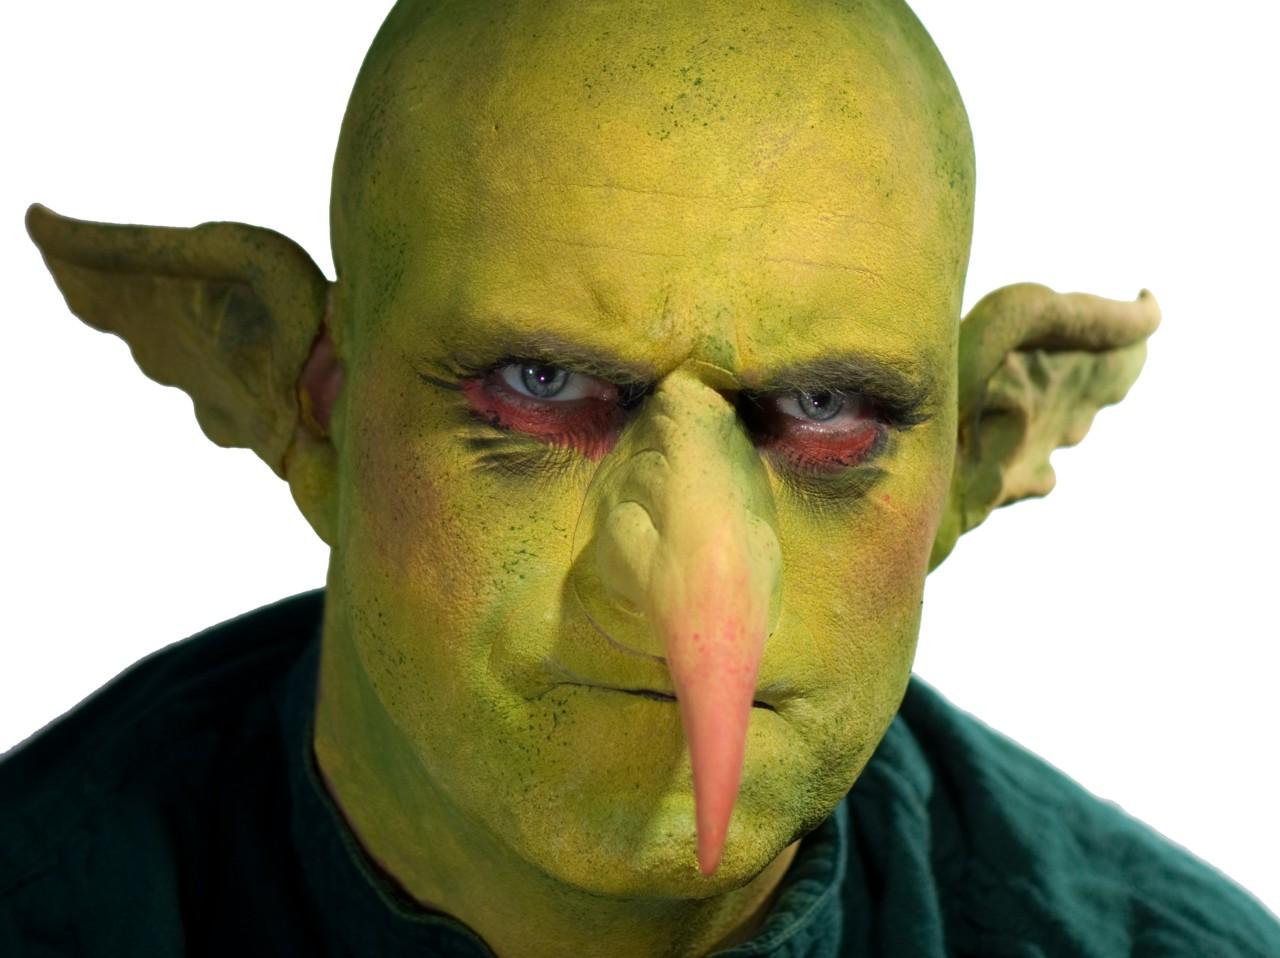 goblin make-up